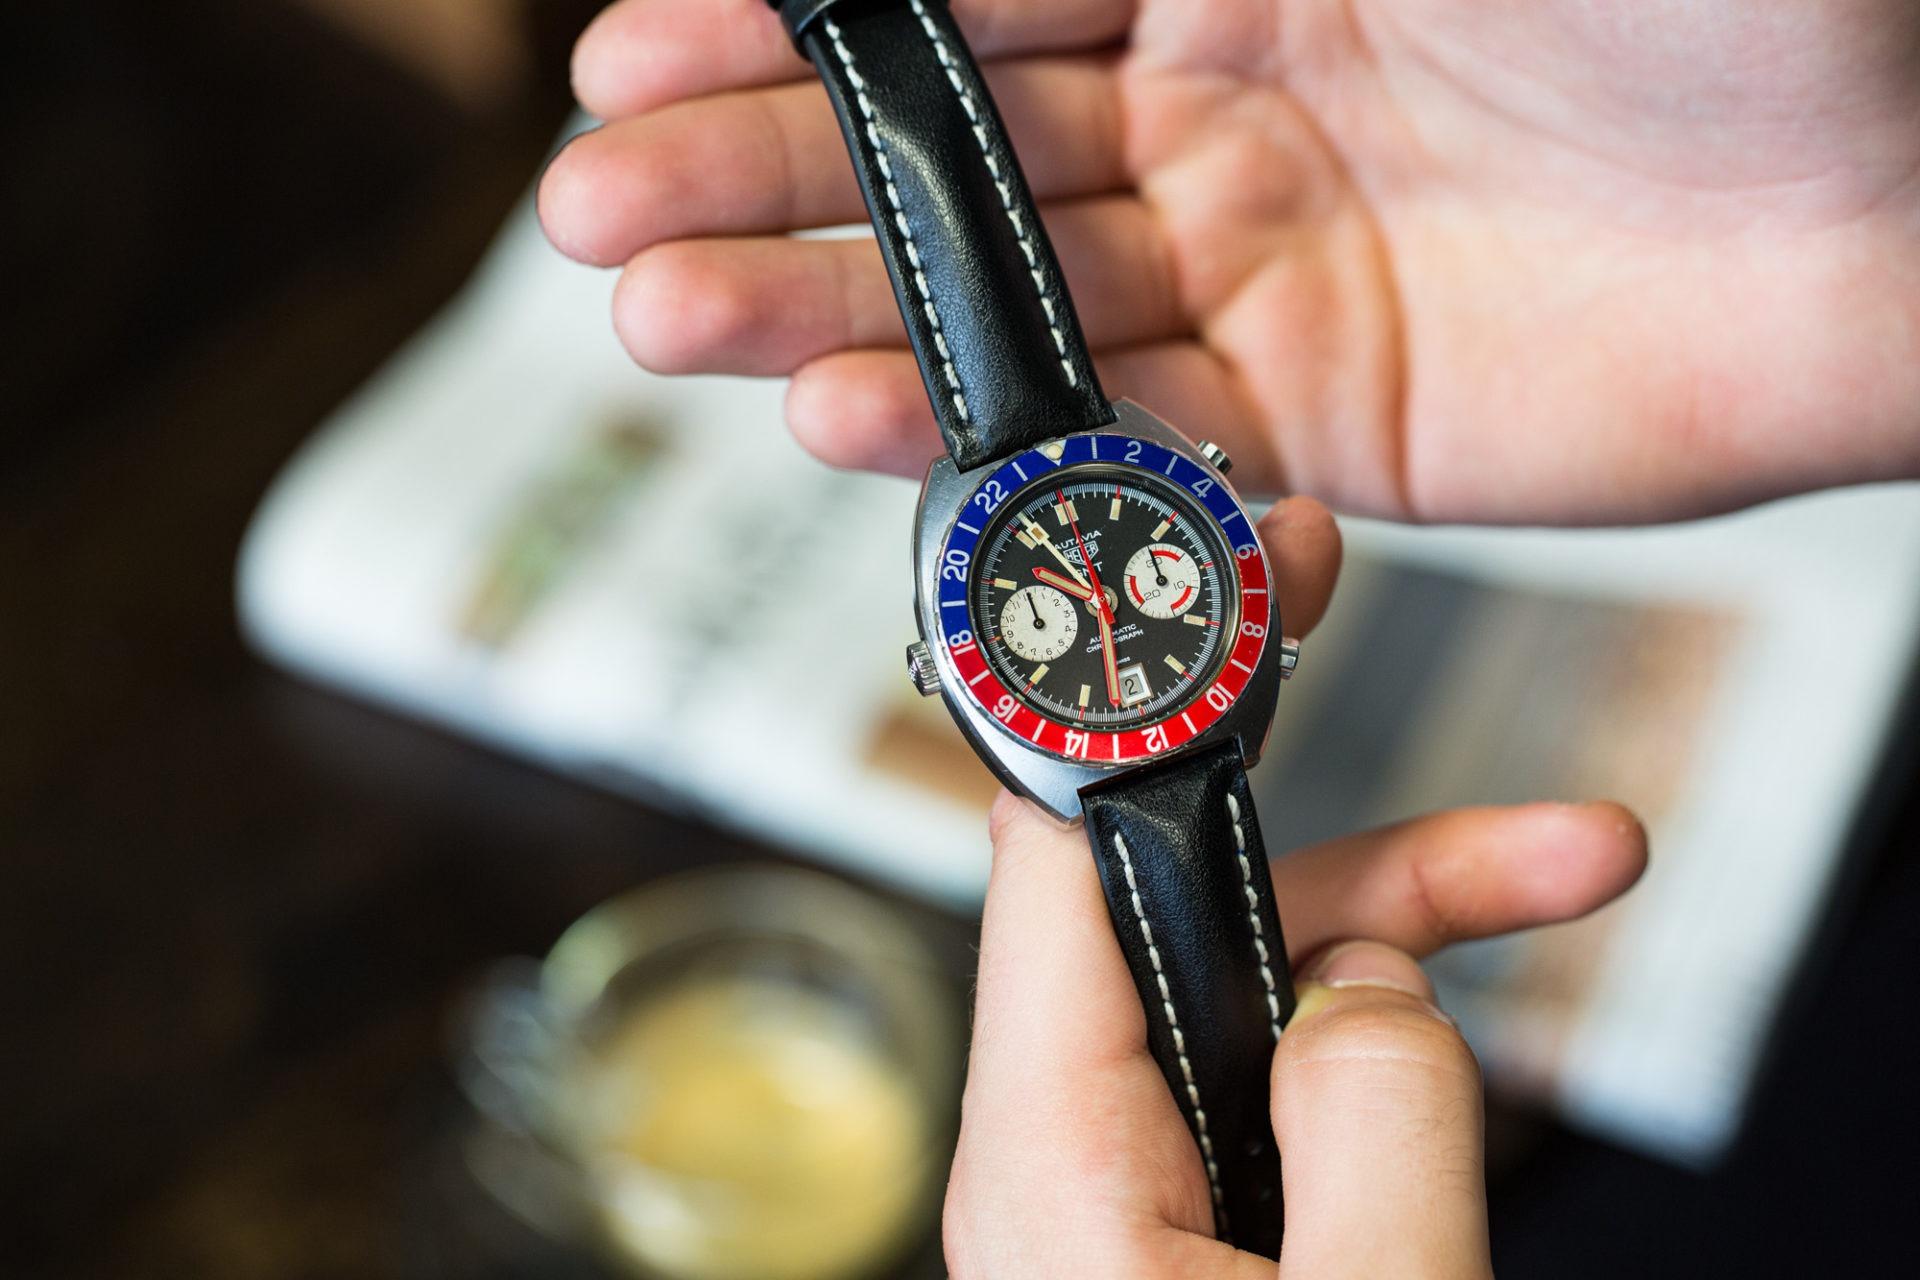 Heuer Autavia 11630 GMT - Watchfinder